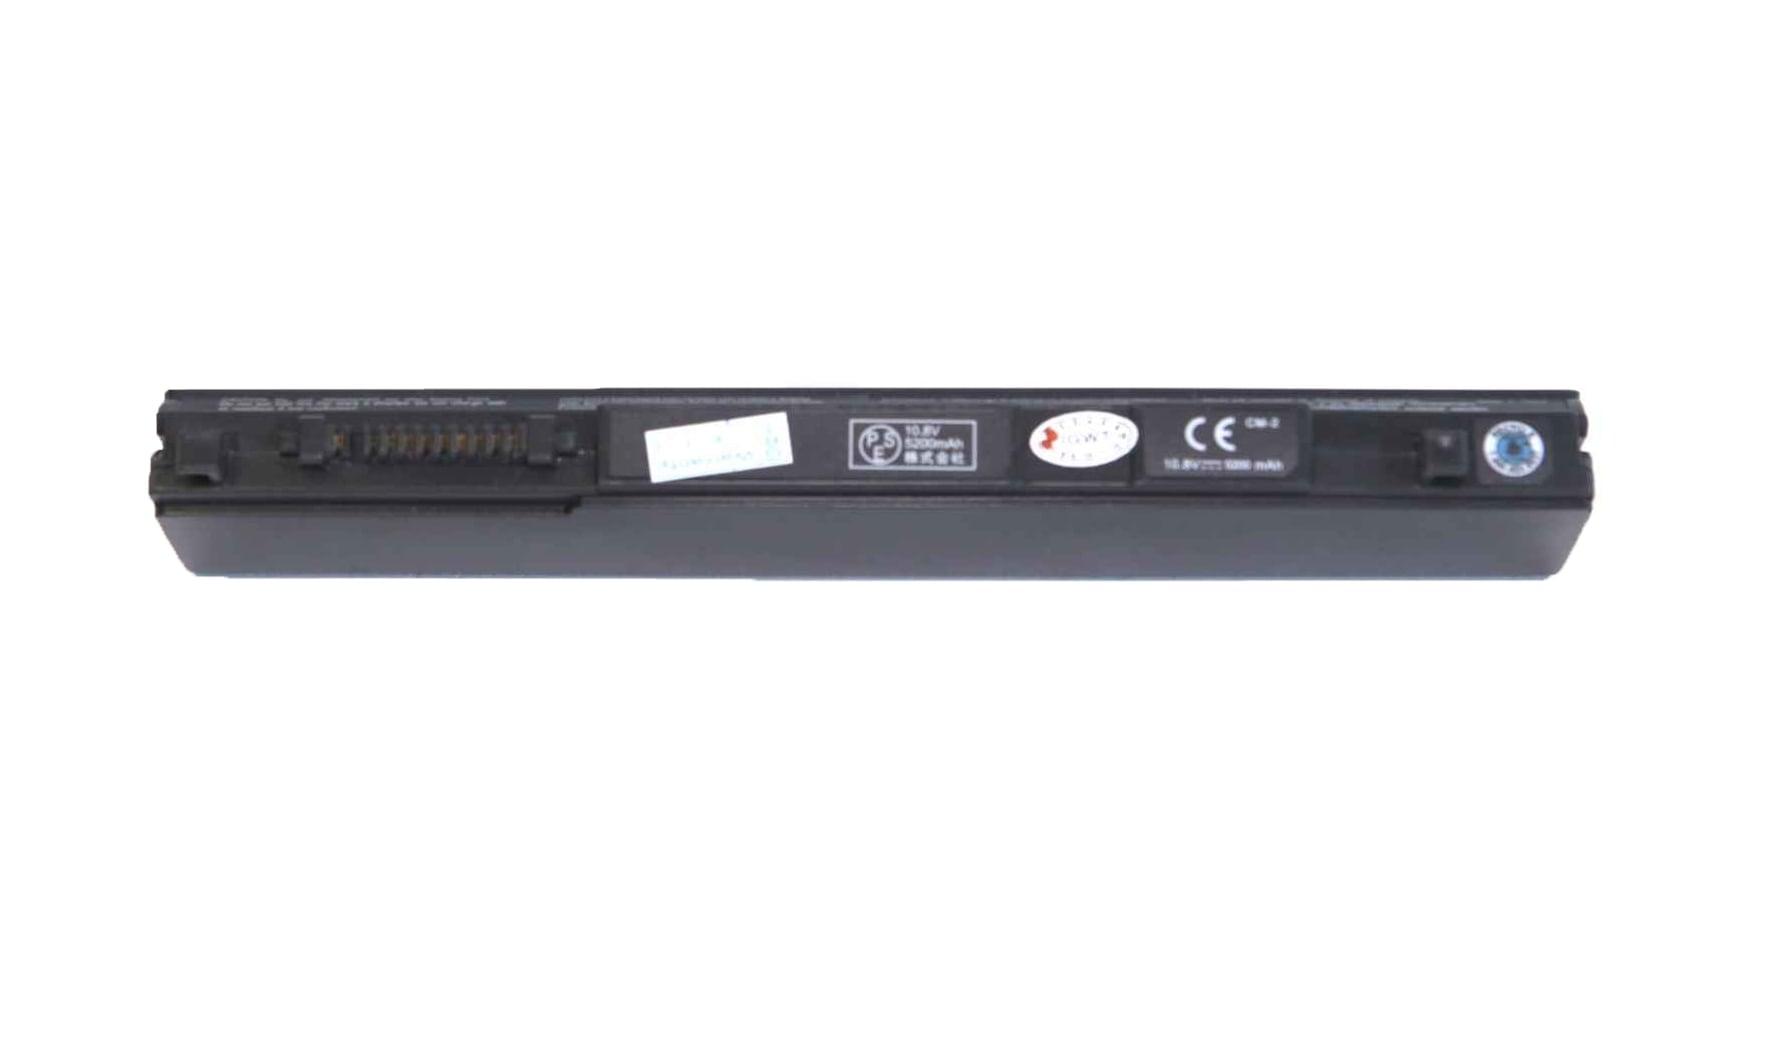 סוללה חליפית למחשב נייד Toshiba PA3831/3832